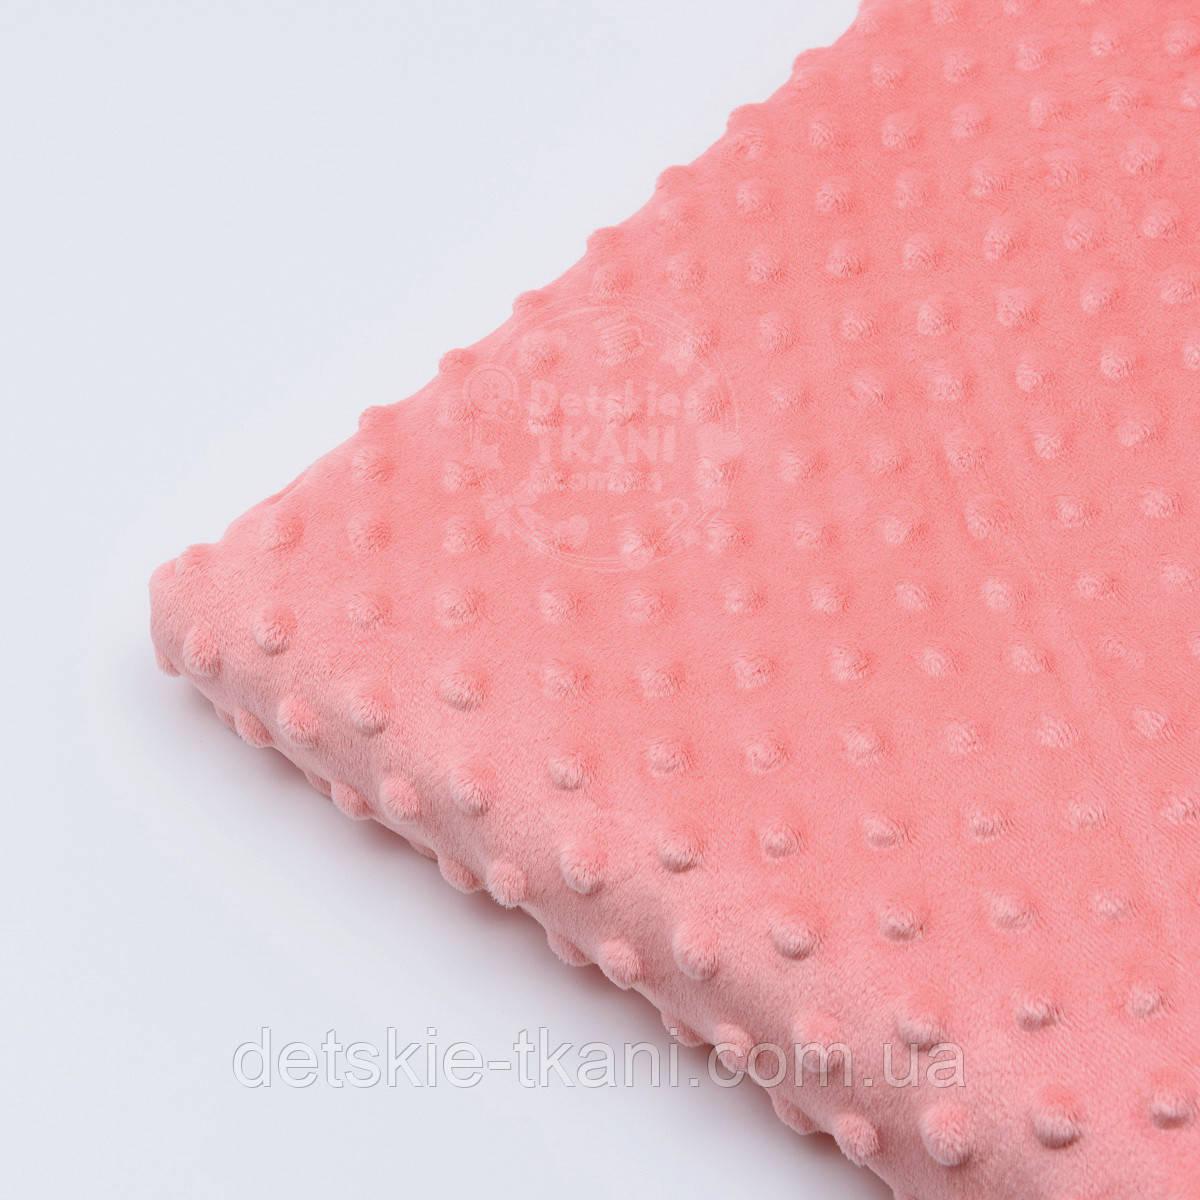 Лоскут ткани minky М-25 размером 20*79 цвета чайной розы.